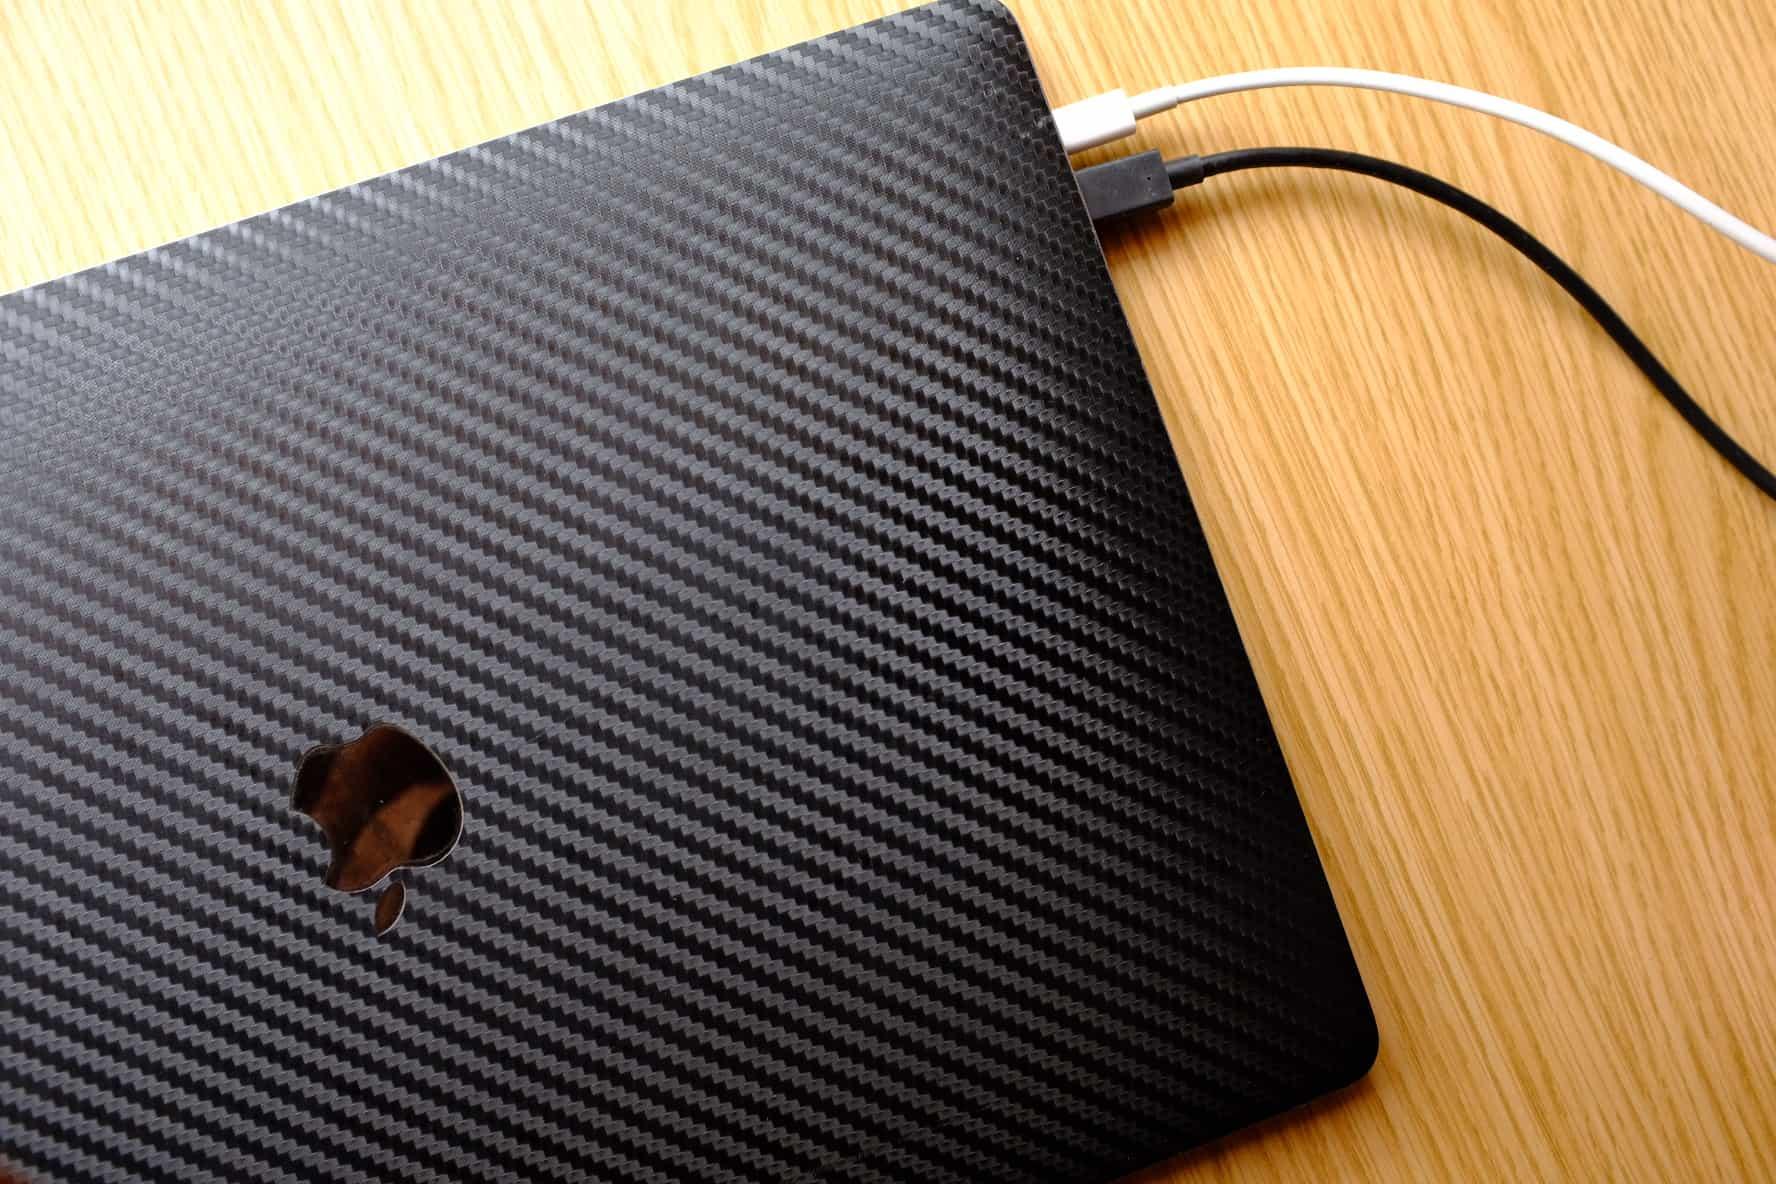 MacBook Proが「バッテリーは充電できません」と表示されたときに試したいこと